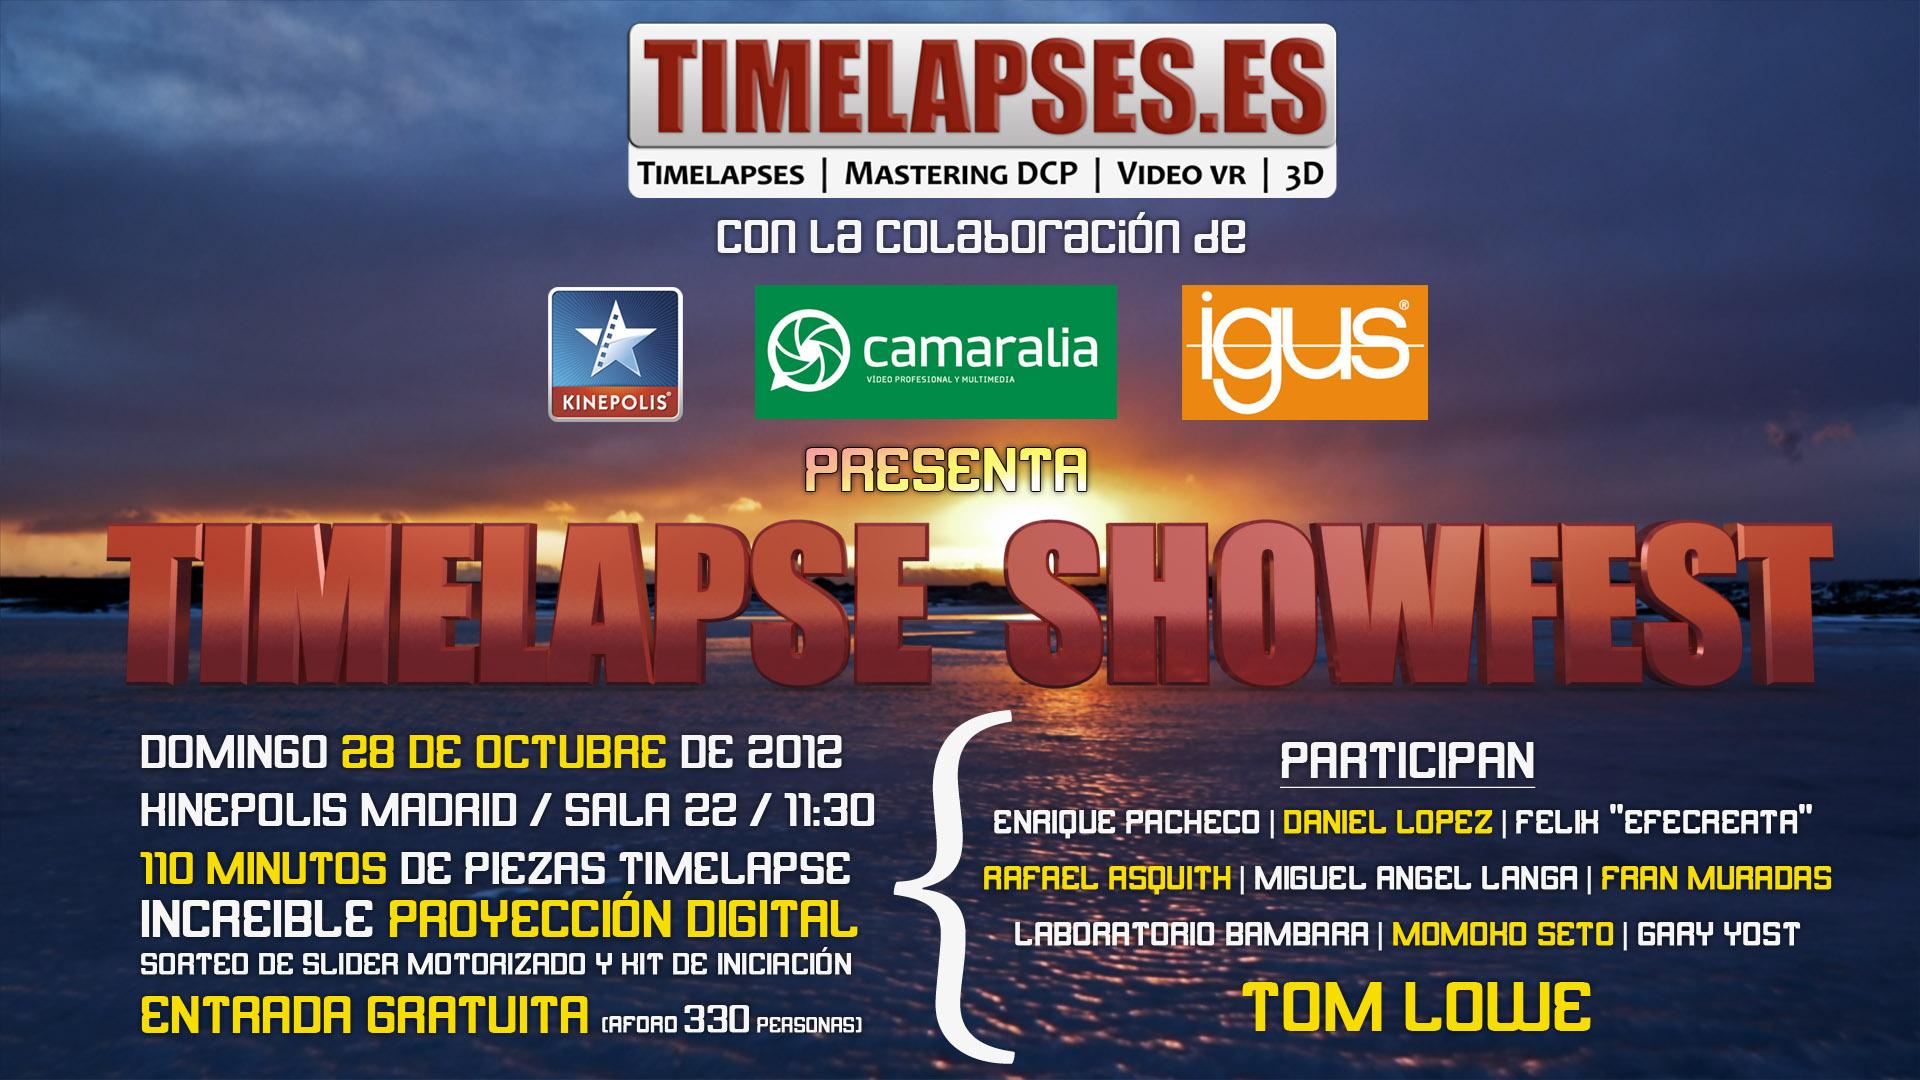 Estaremos en el Timelapse Showfest 2012 ¿Y tú?